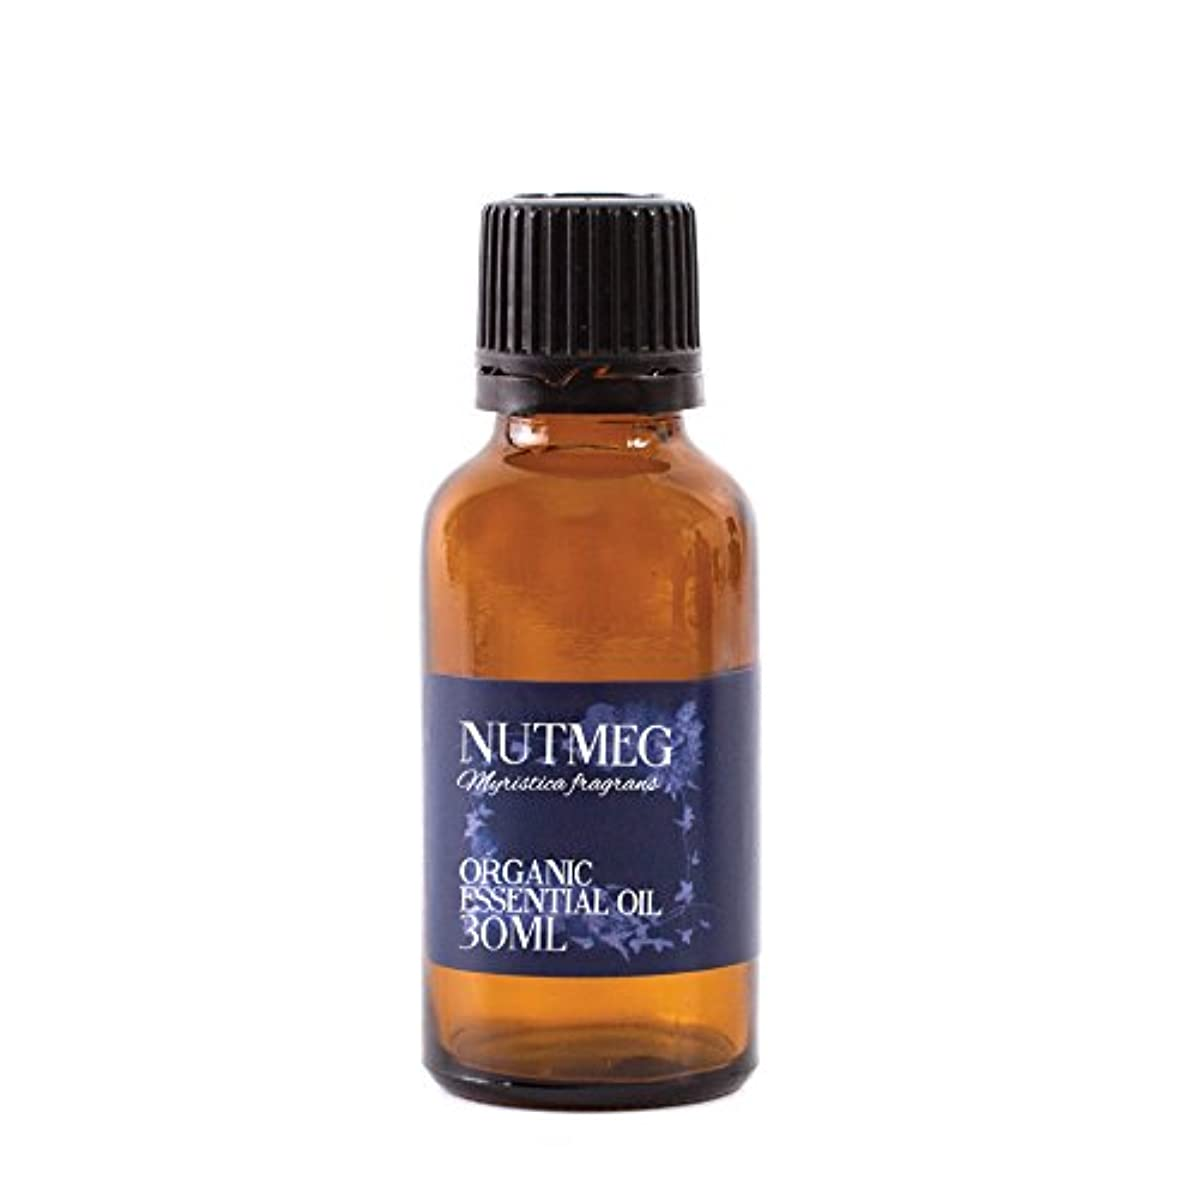 巡礼者気味の悪い資源Nutmeg Organic Essential Oil - 30ml - 100% Pure